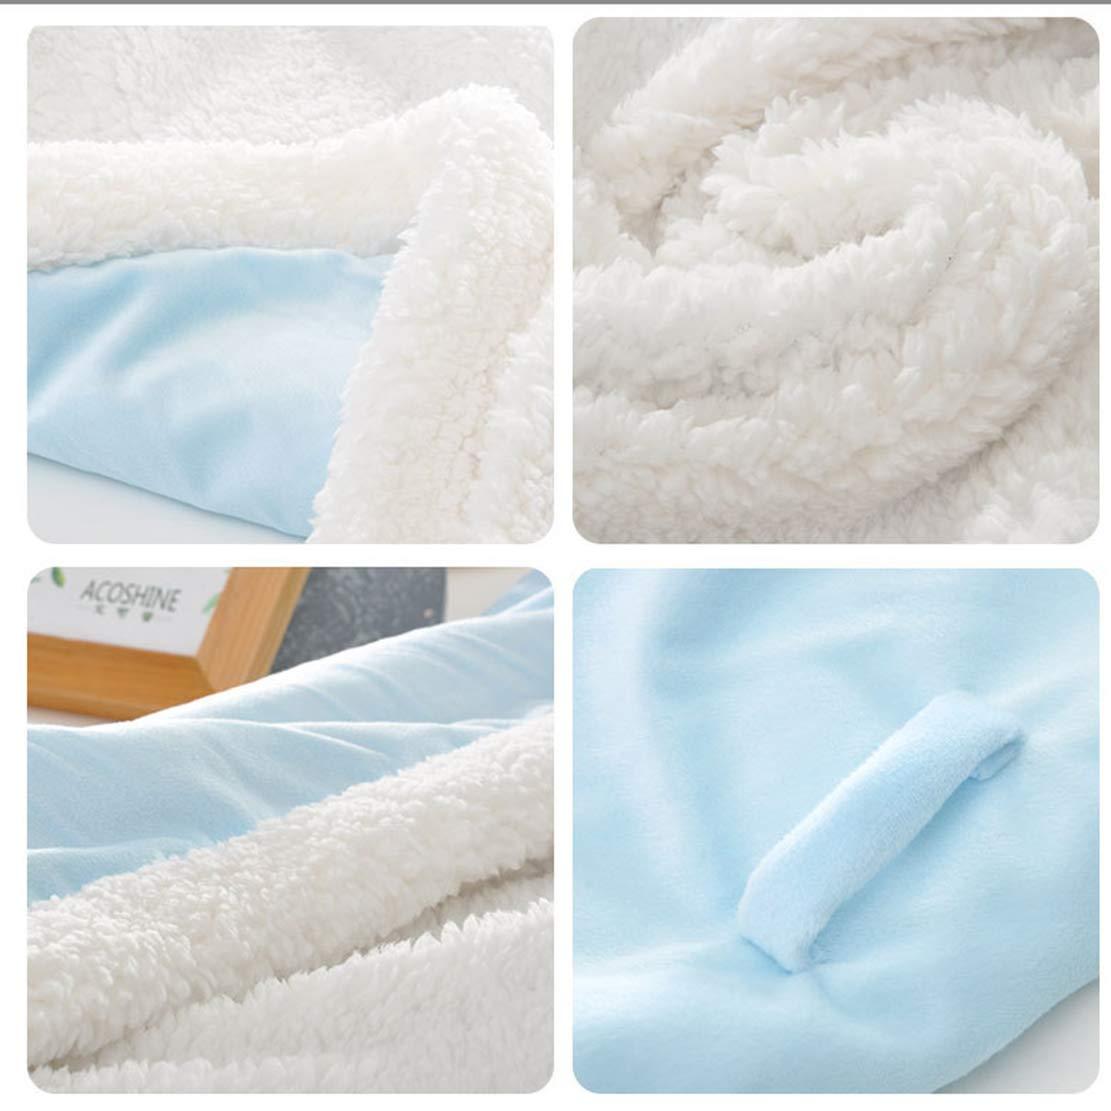 Couverture dEmmaillotage pour B/éb/é Gigoteuse Cosy Chaude Sac de Couchage /À capuche Enveloppante Hiver pour Poussette Nouveau n/é 0-6 Mois 80 80cm